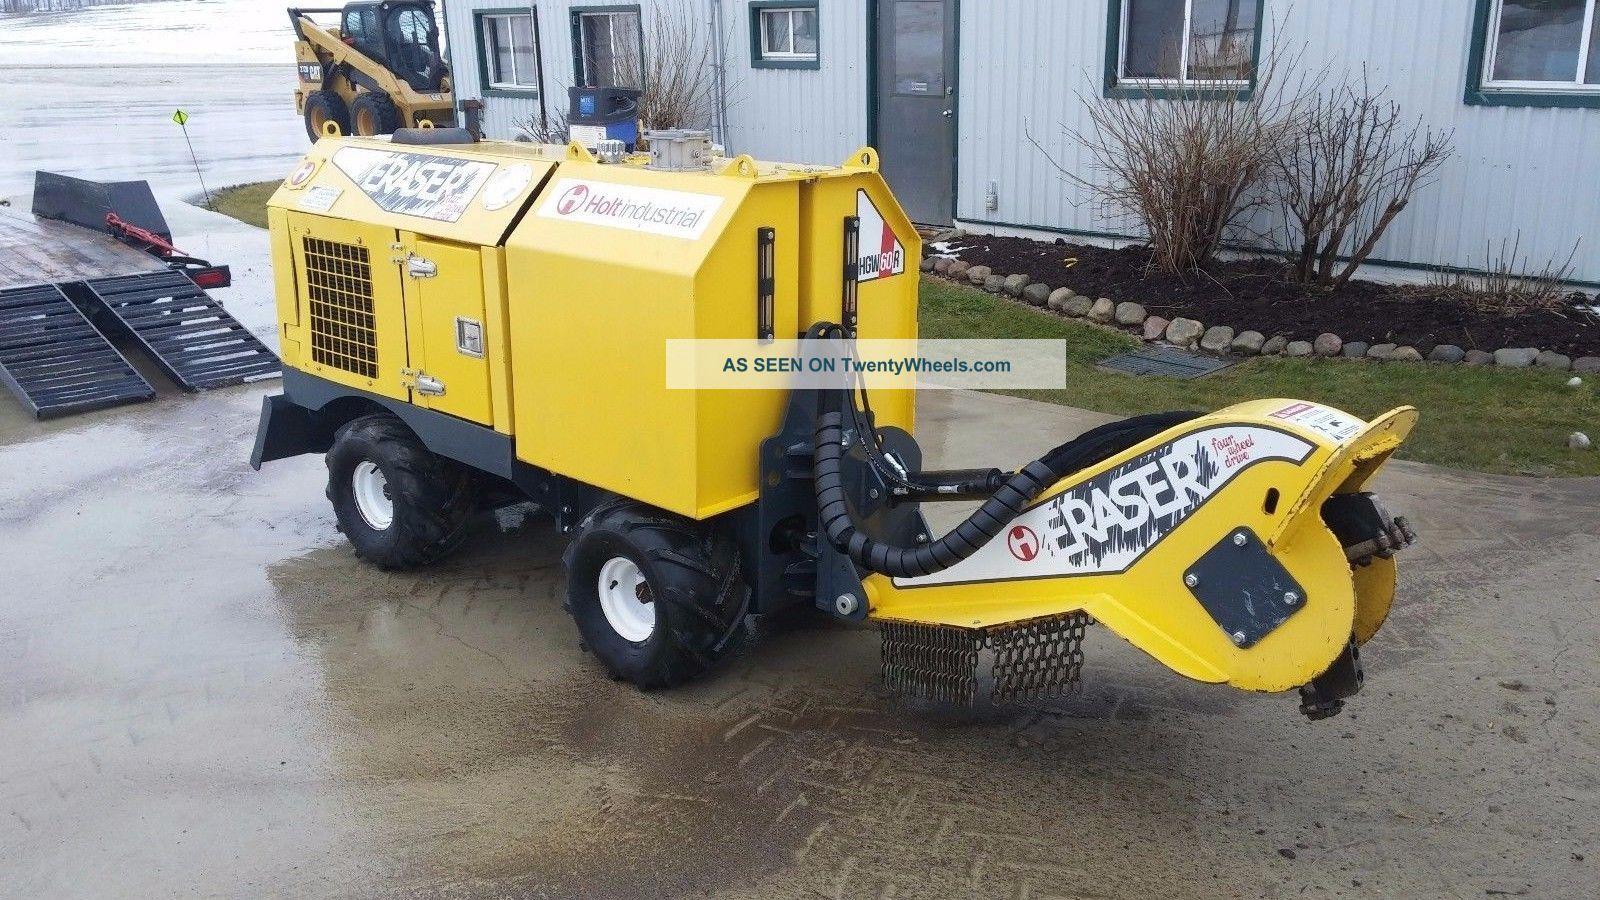 Holt Industrial - 60 Hp Kubota Turbo Diesel Self - Propelled Stump Grinder Wood Chippers & Stump Grinders photo